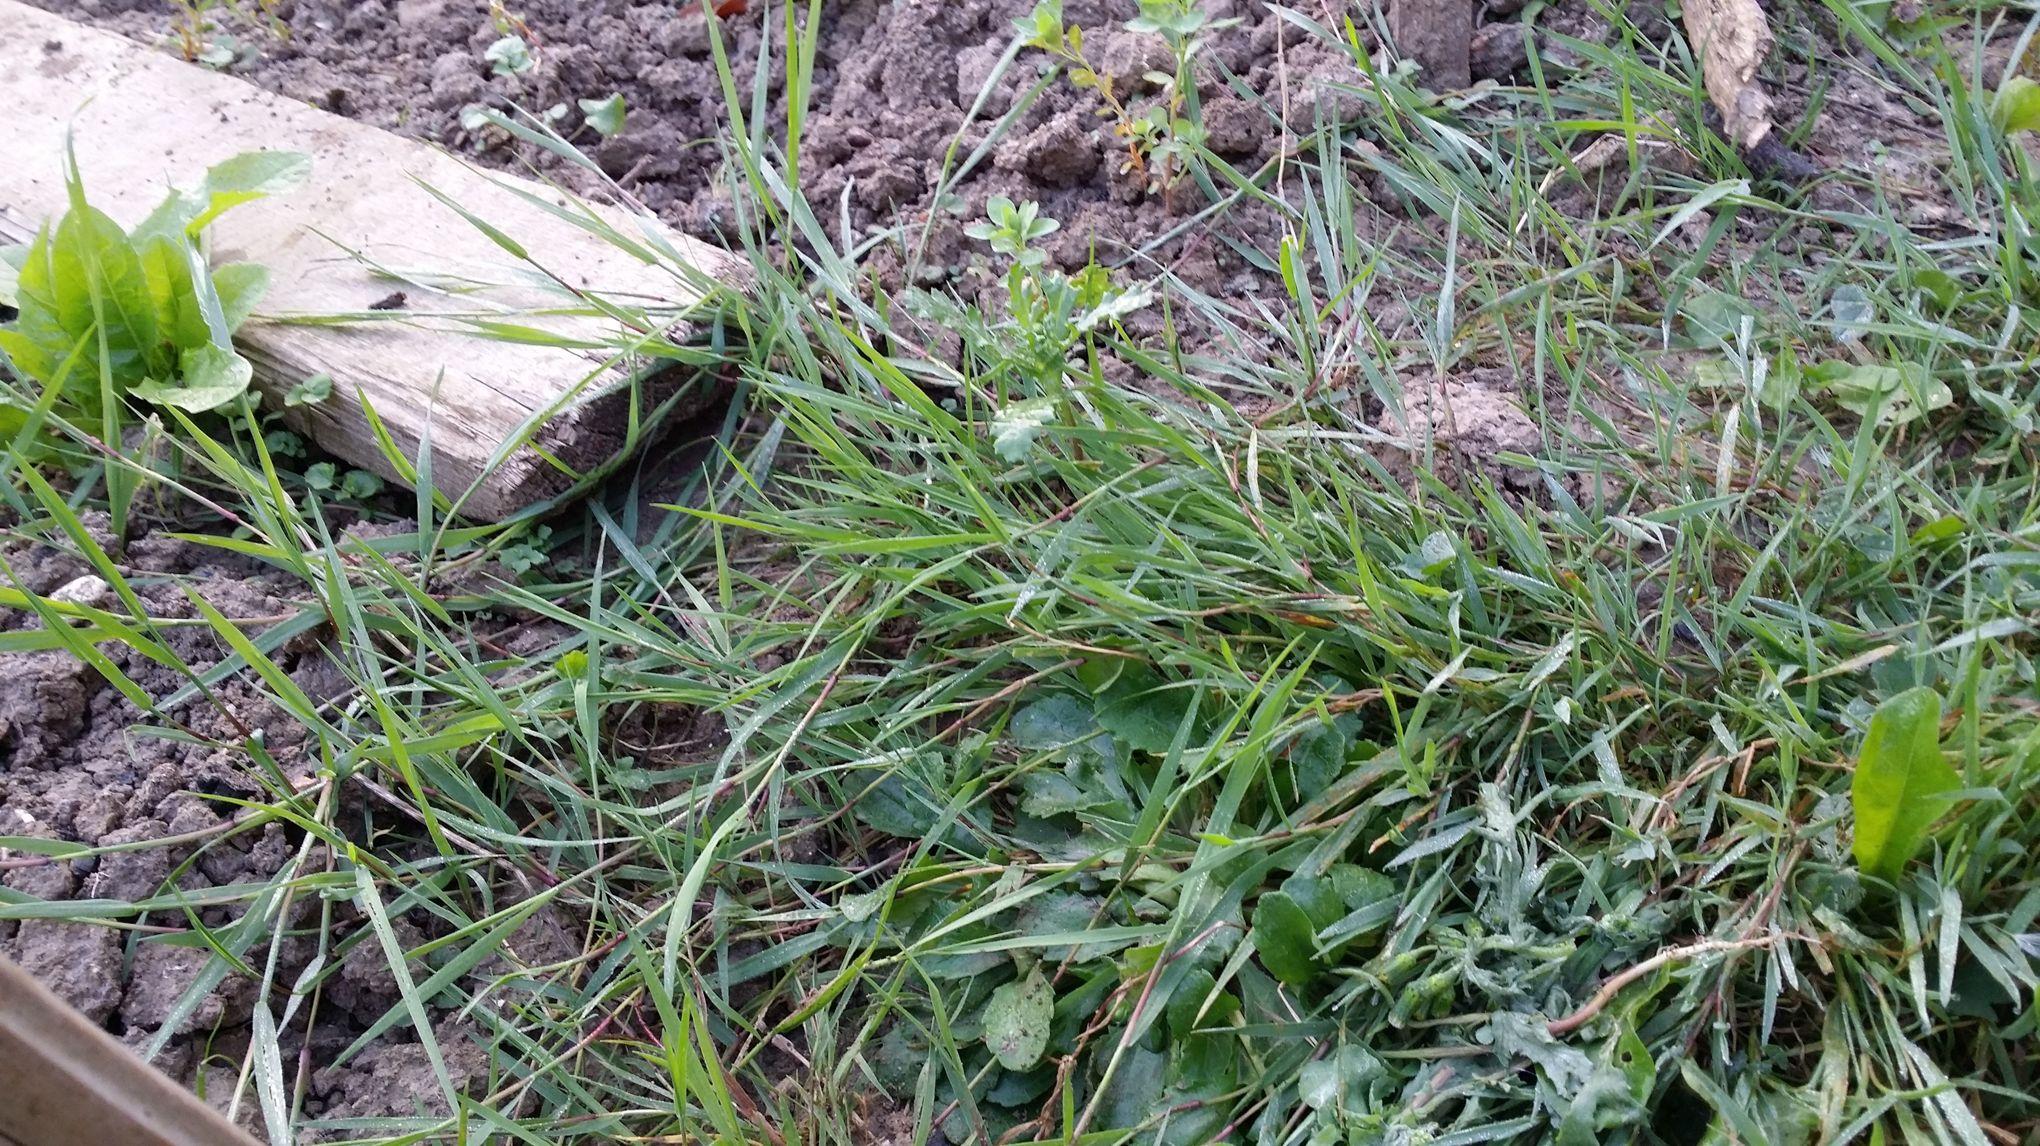 comment liminer les mauvaises herbes